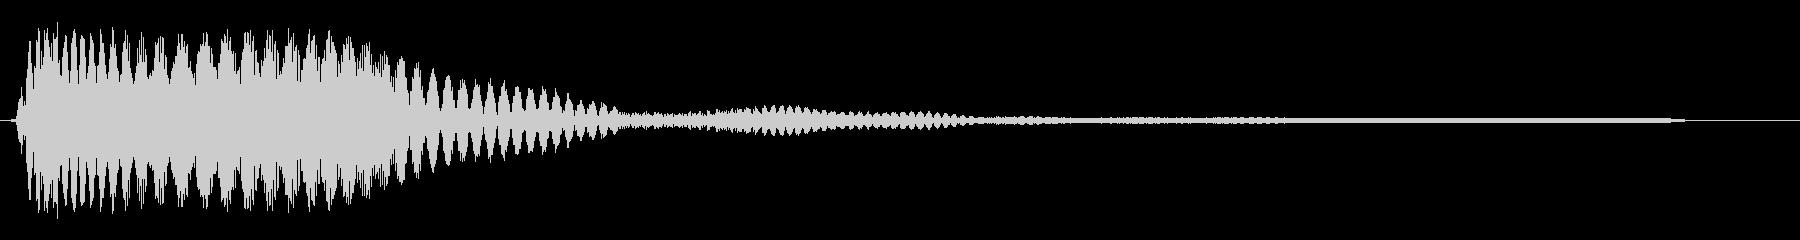 ピュ↓イ〜↑ン(下がって上がるシンセ音)の未再生の波形